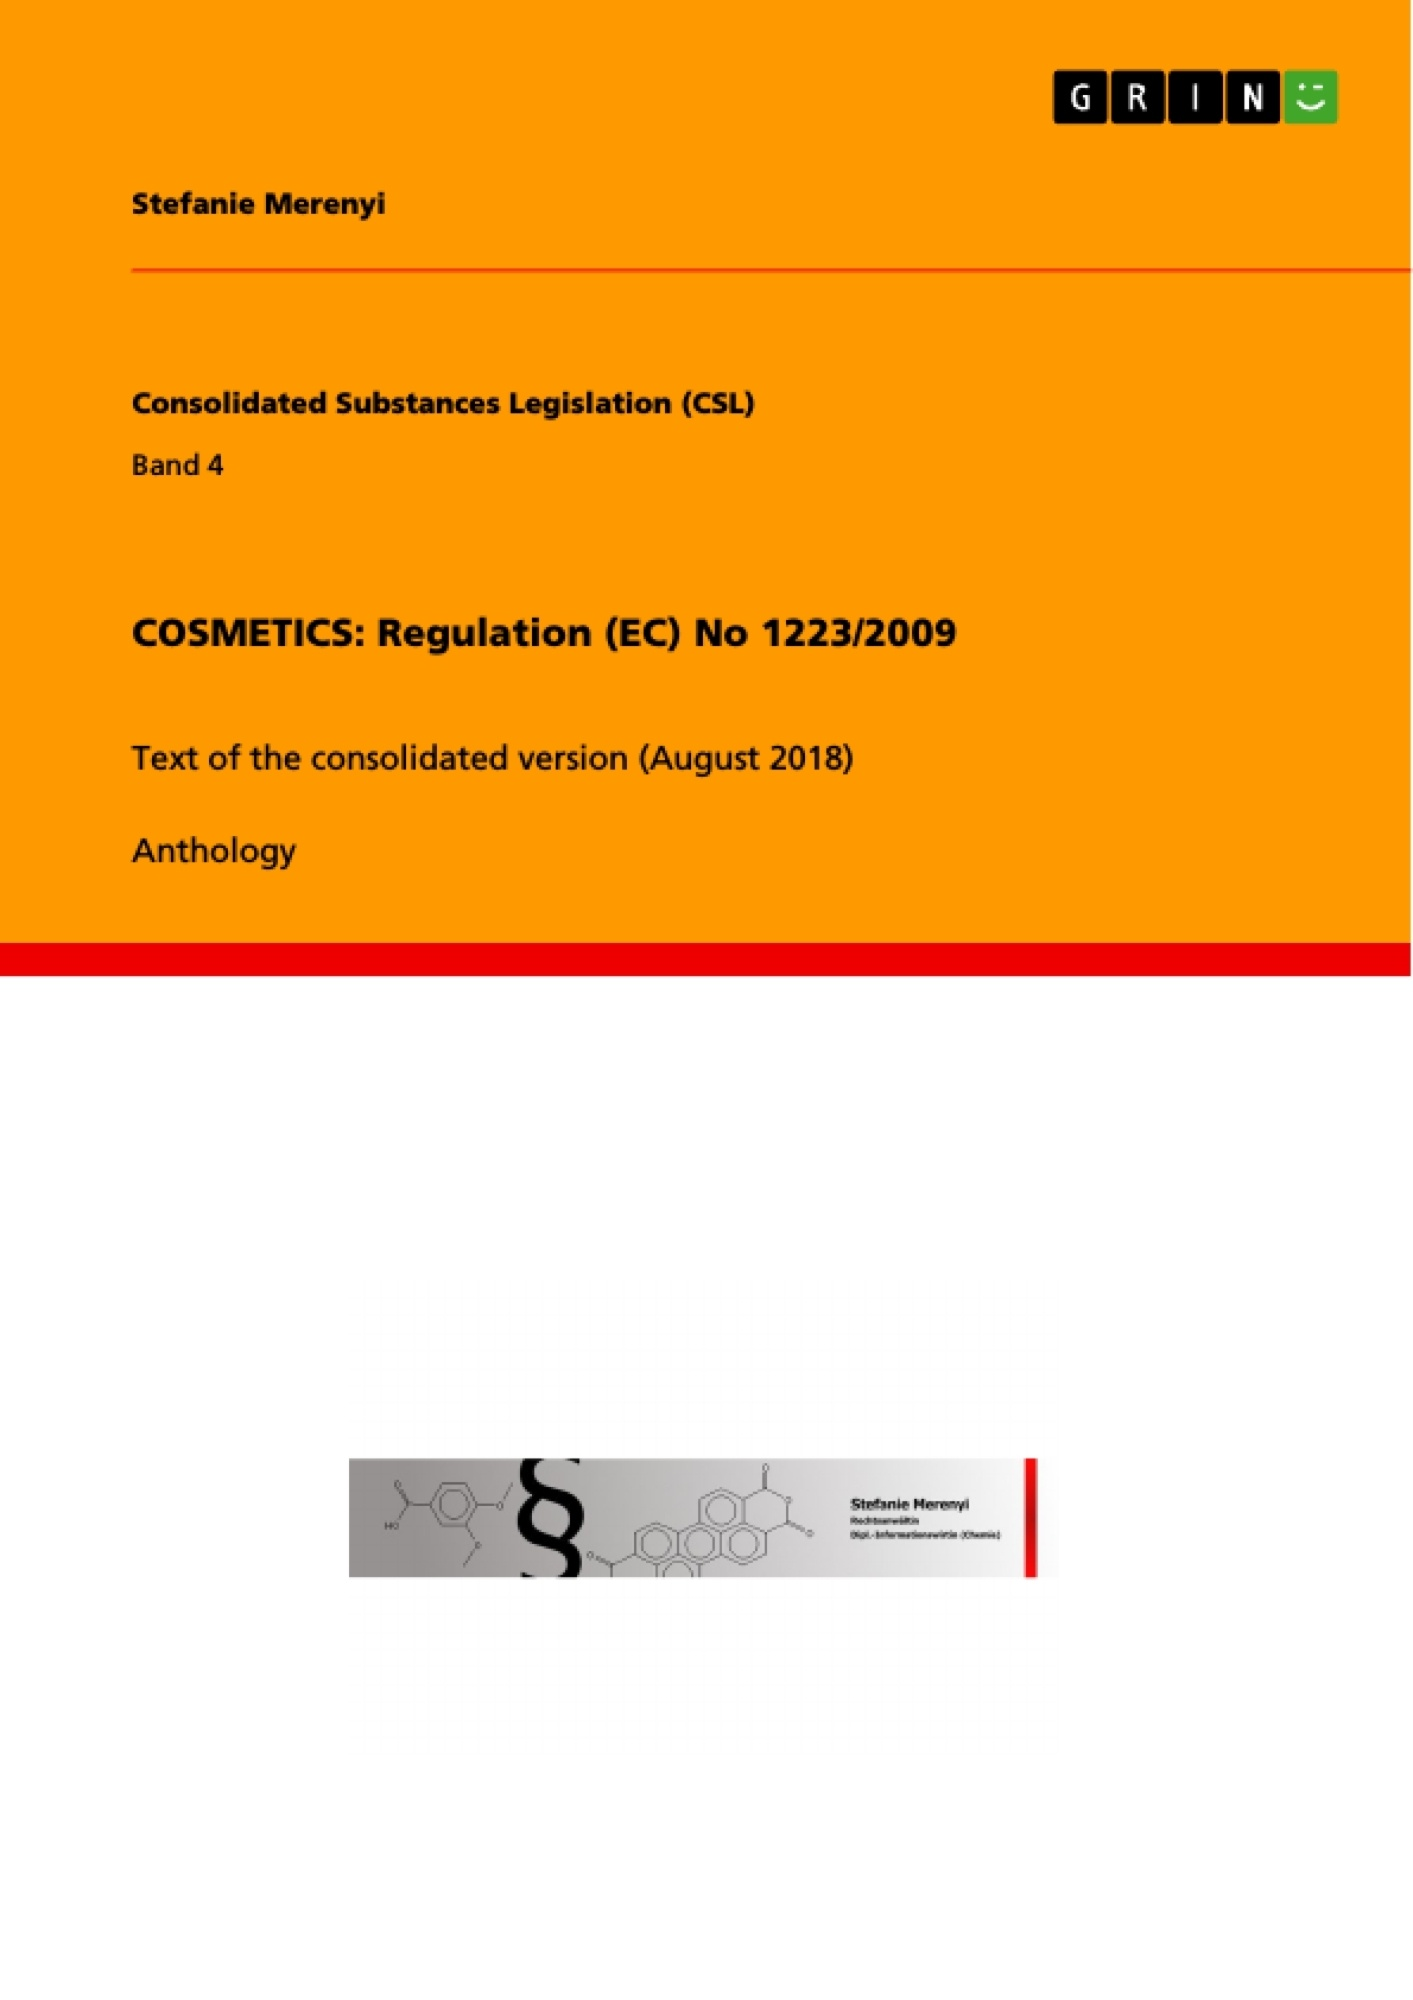 Title: COSMETICS: Regulation (EC) No 1223/2009